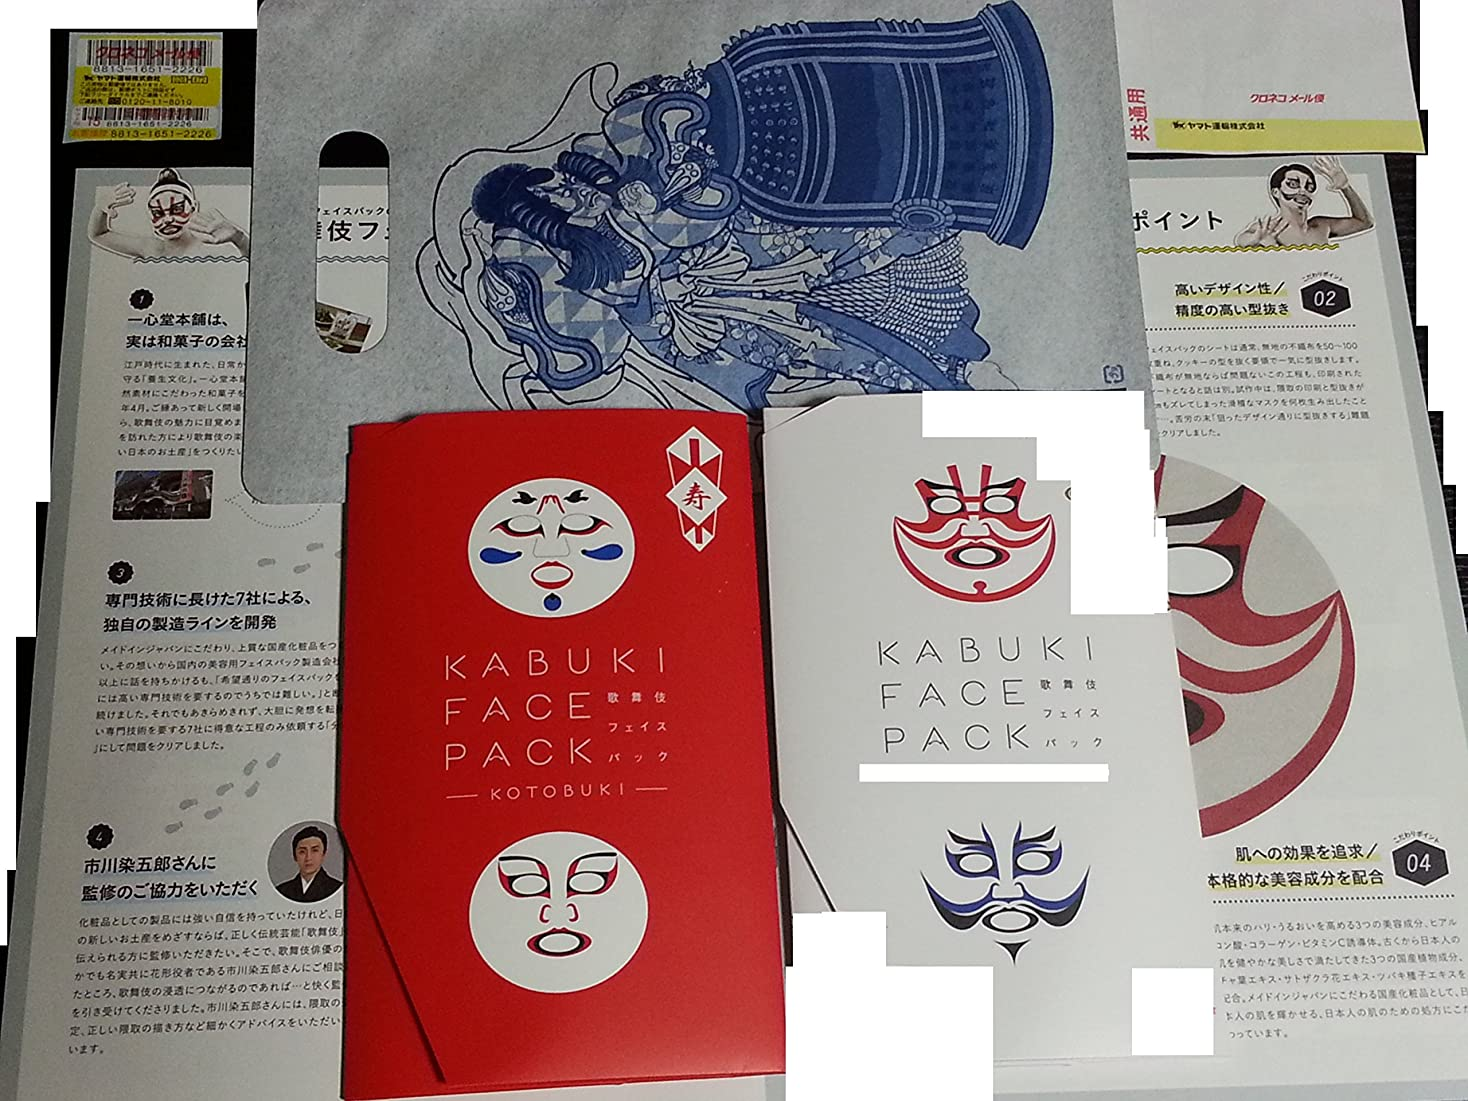 セブンに向かって憎しみ歌舞伎フェイスパック セット  KABUKI FACE PACK -ISESHIMA- & -KOTOBUKI- (伊勢志摩&寿)全2点セット